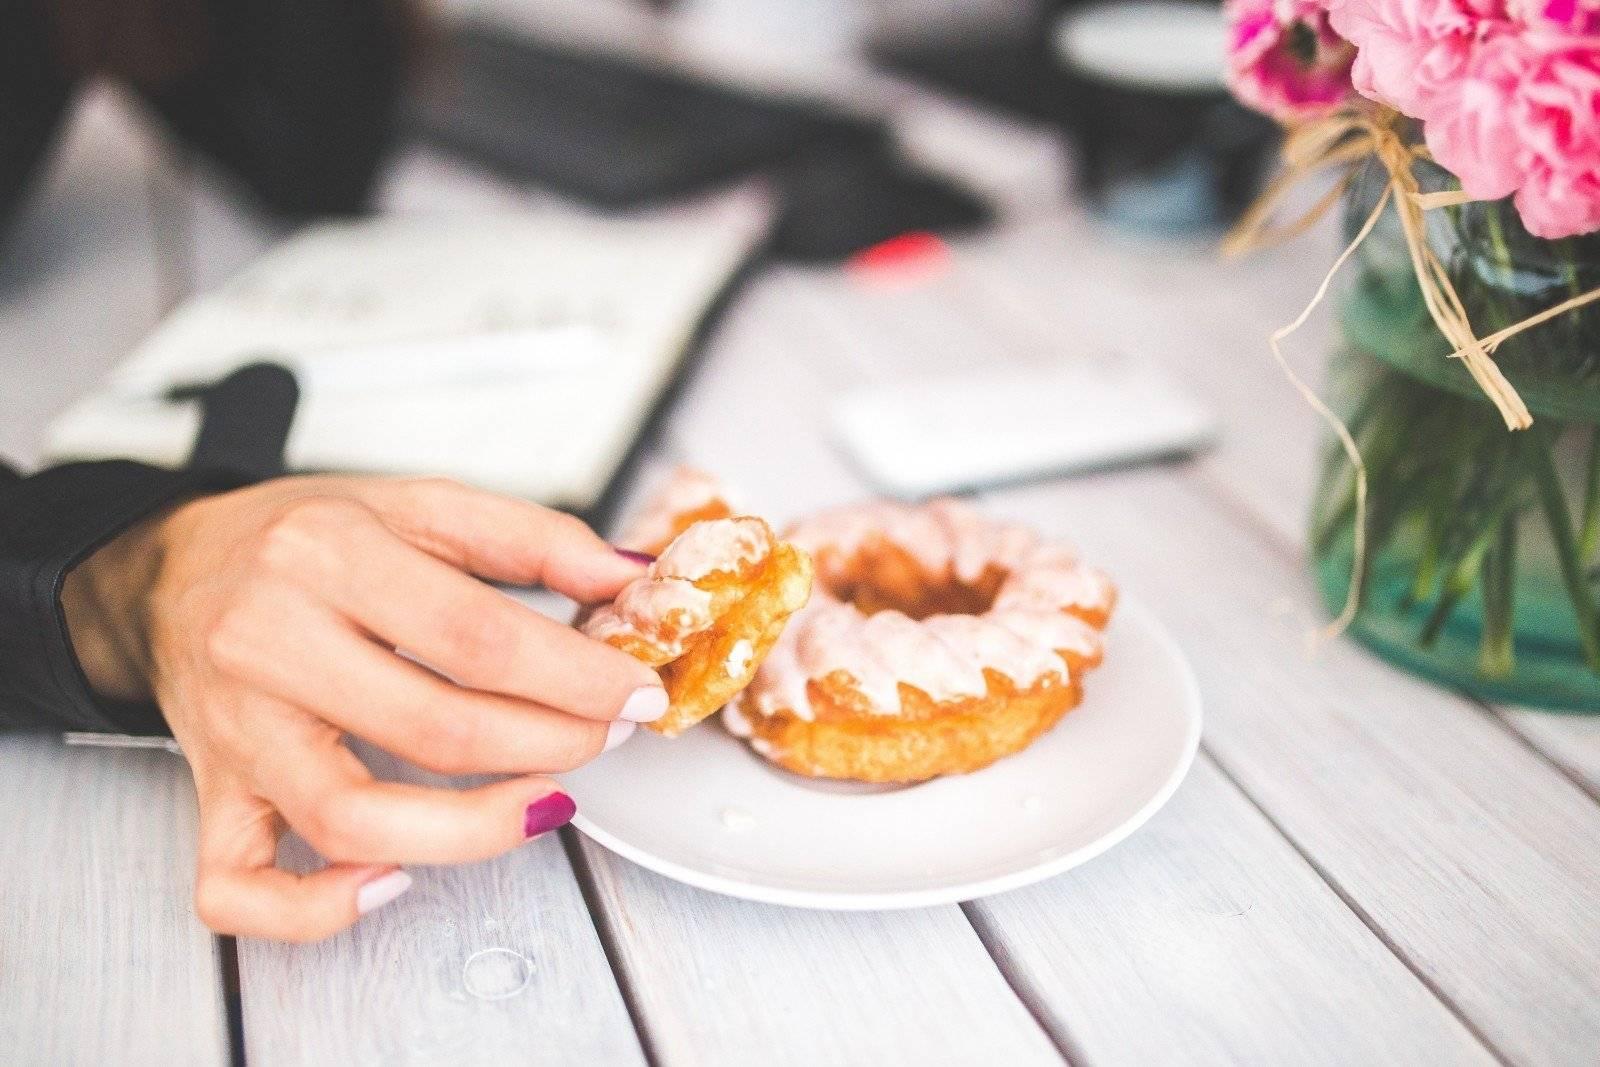 Психологический голод: почему мы едим, когда не голодны